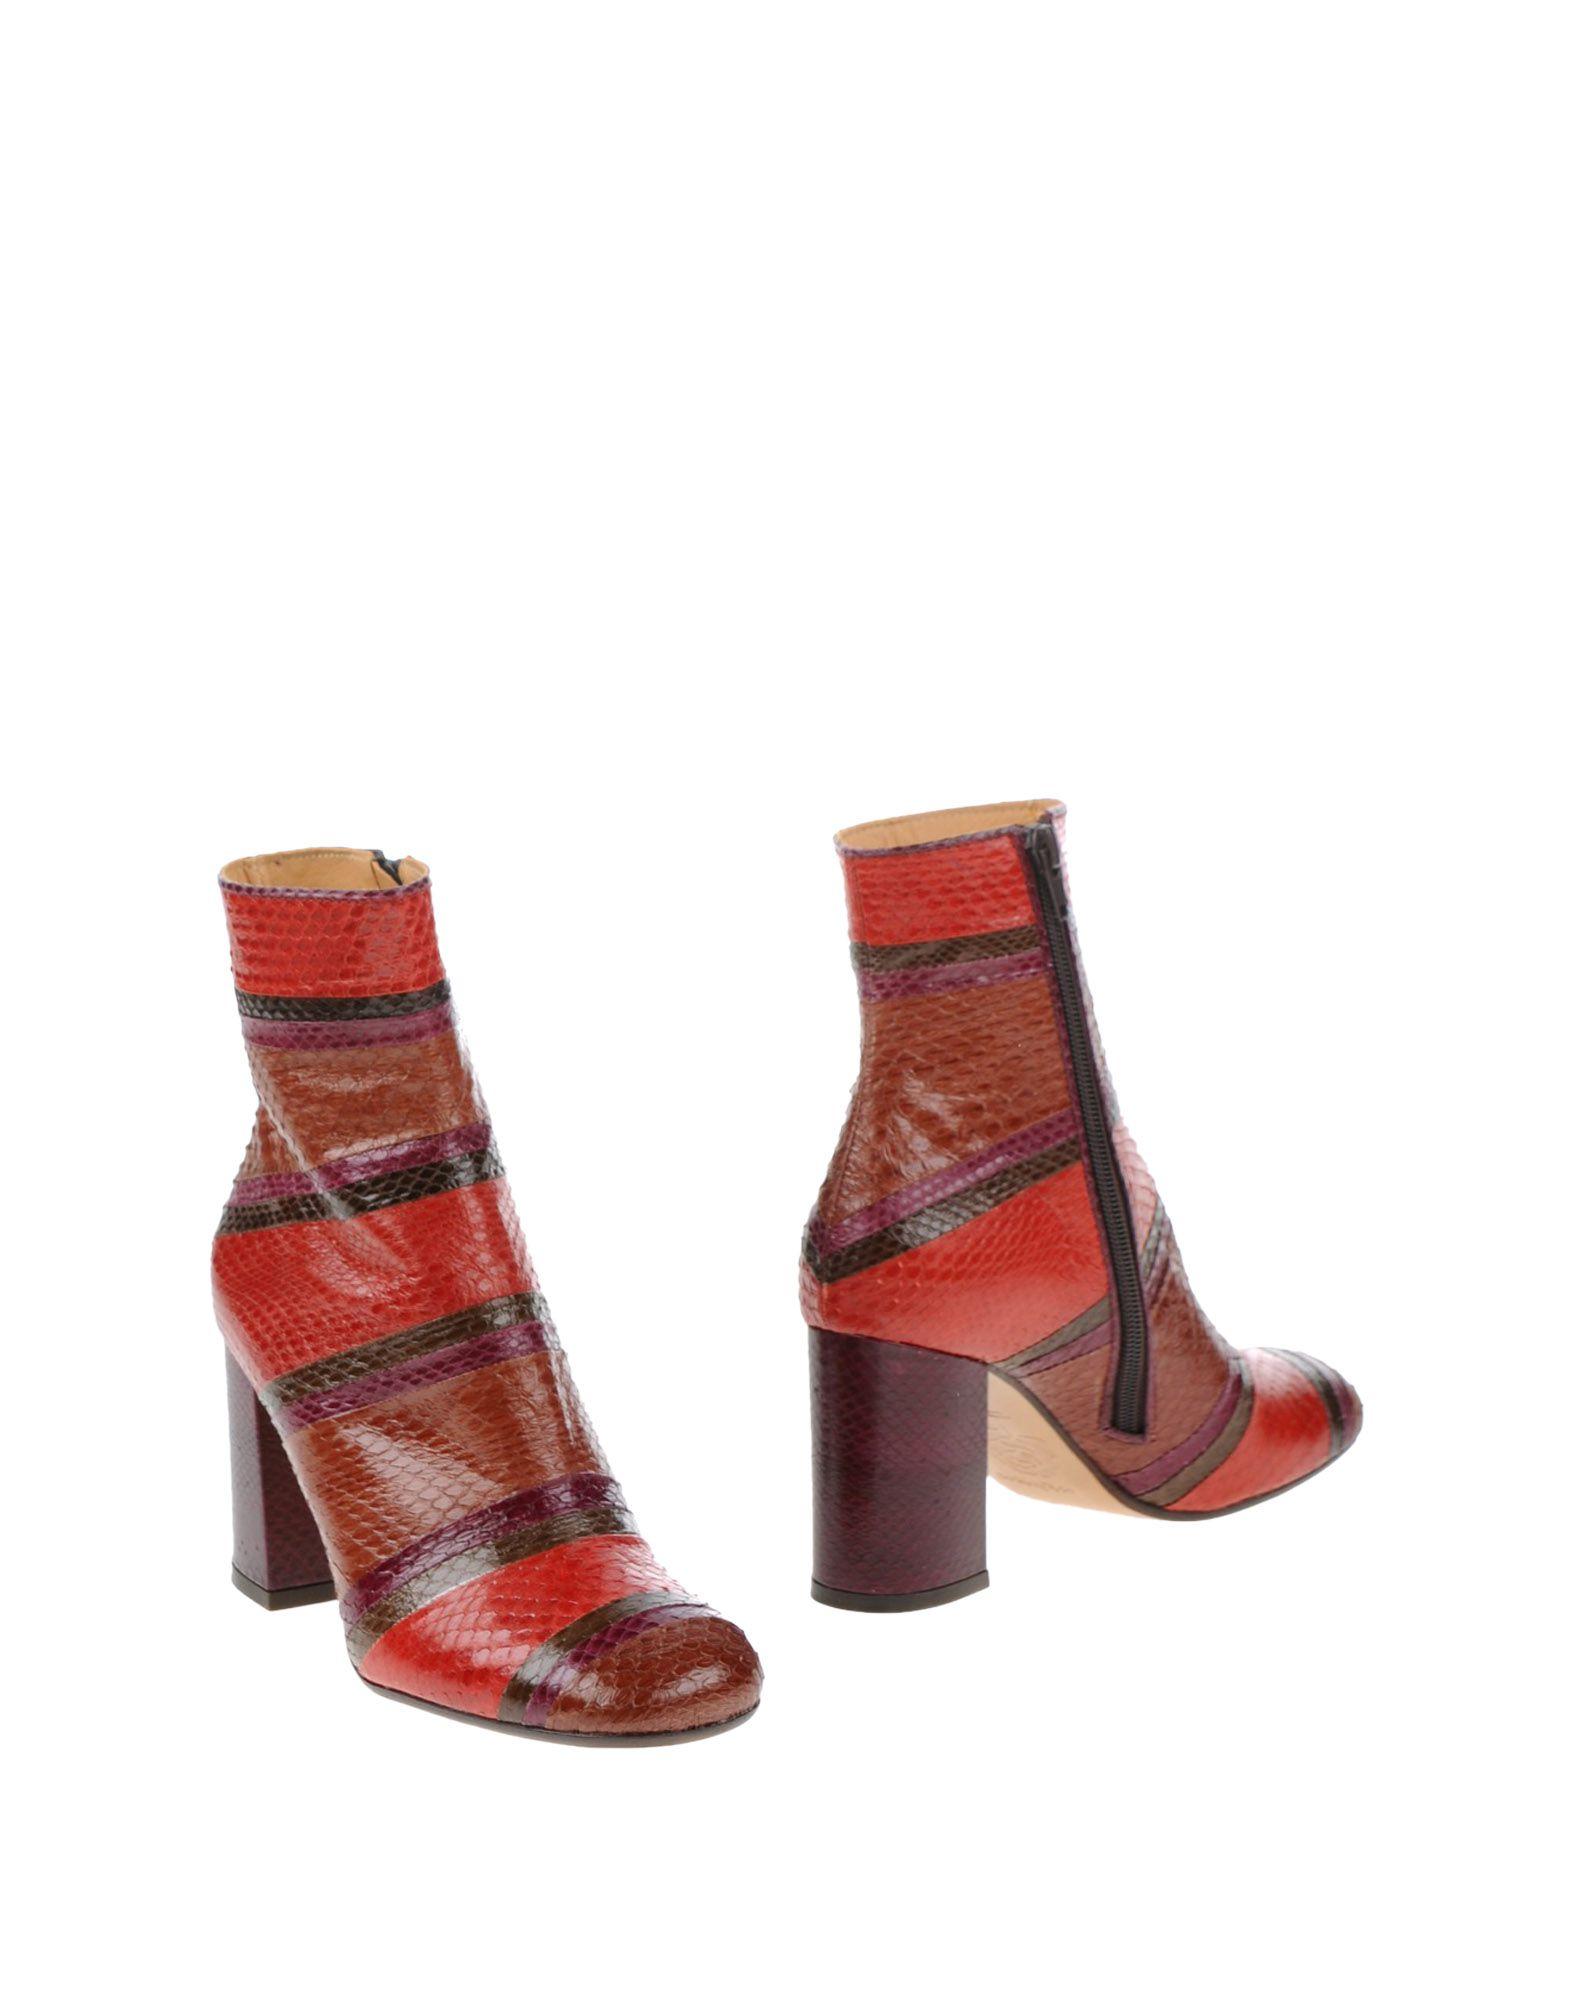 Malìparmi Stiefelette Damen  11214420KAGut aussehende strapazierfähige Schuhe